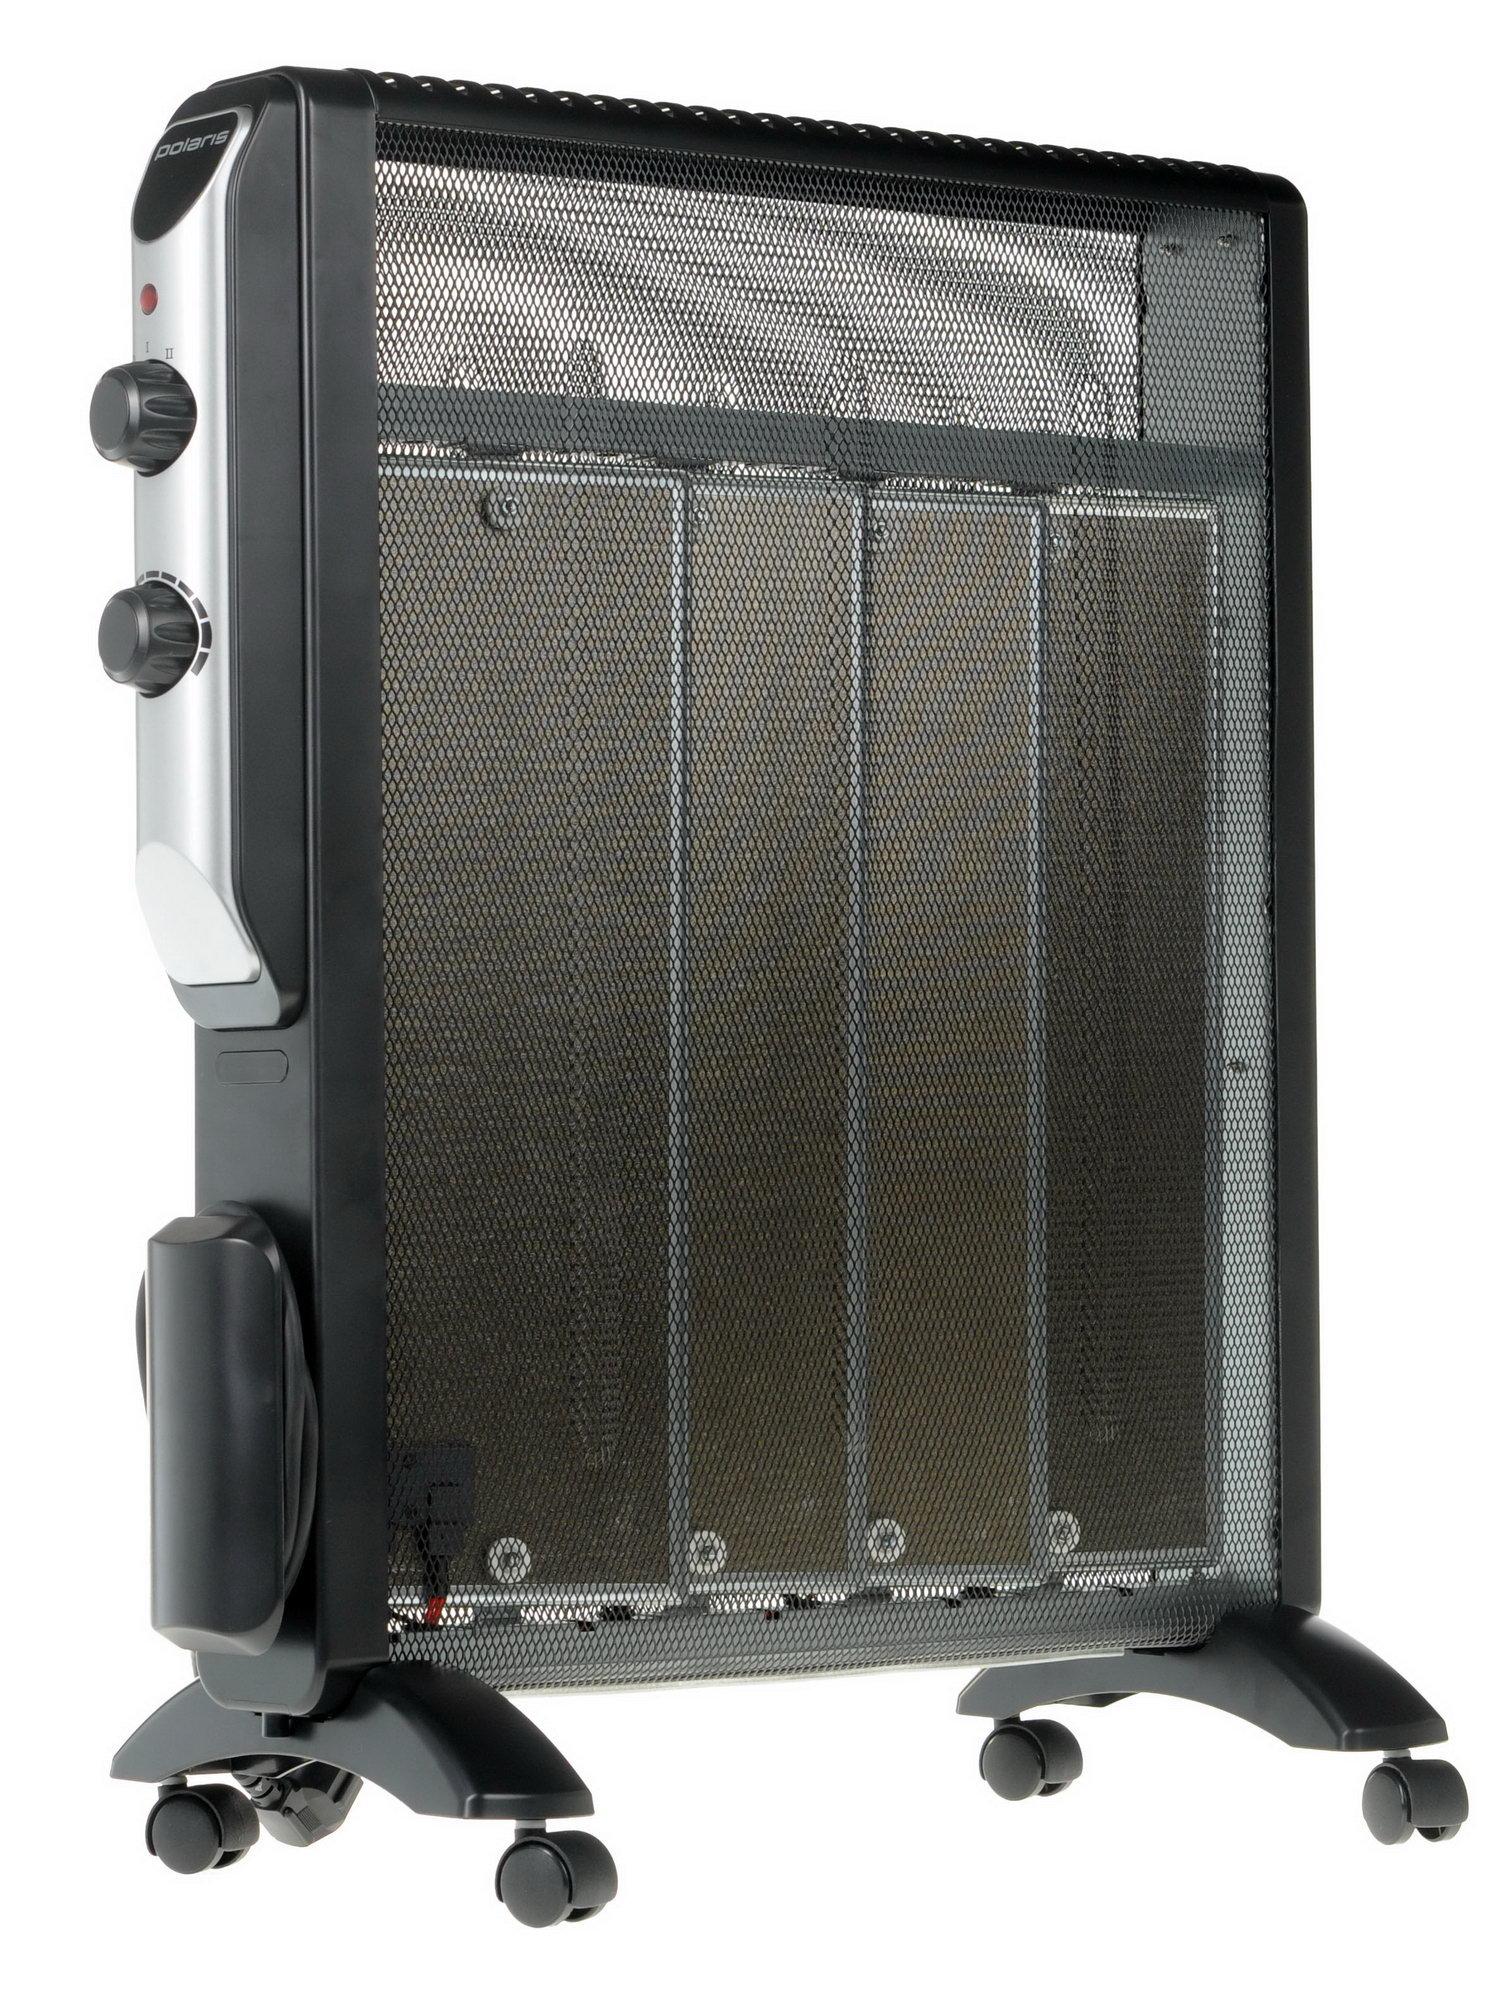 Инфракрасный обогреватель Polaris PMH 2095